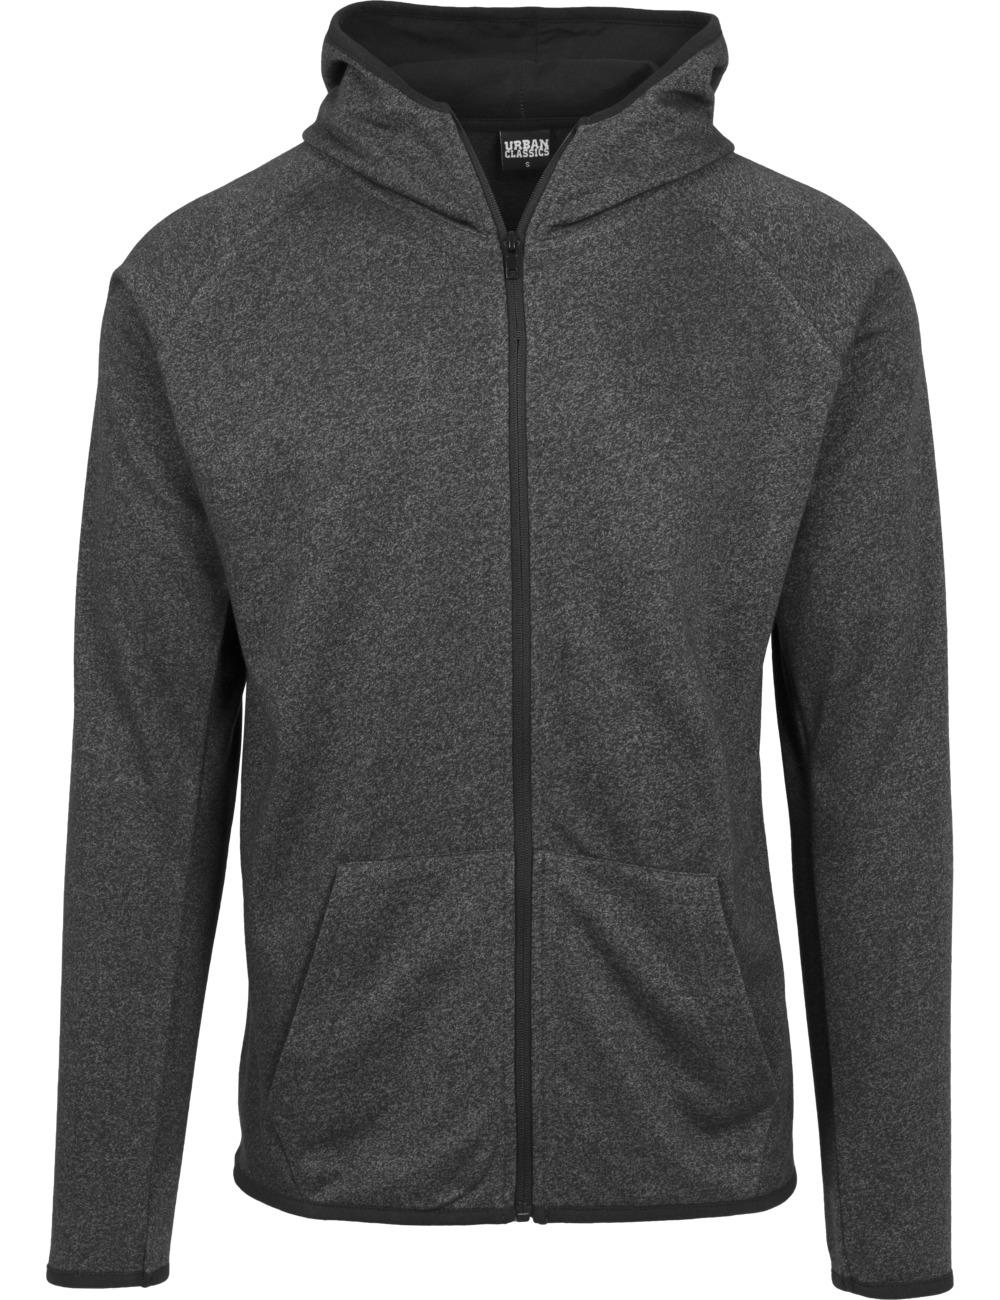 urban-classics-herren-sweatjacket-active-melange-zip-hoody